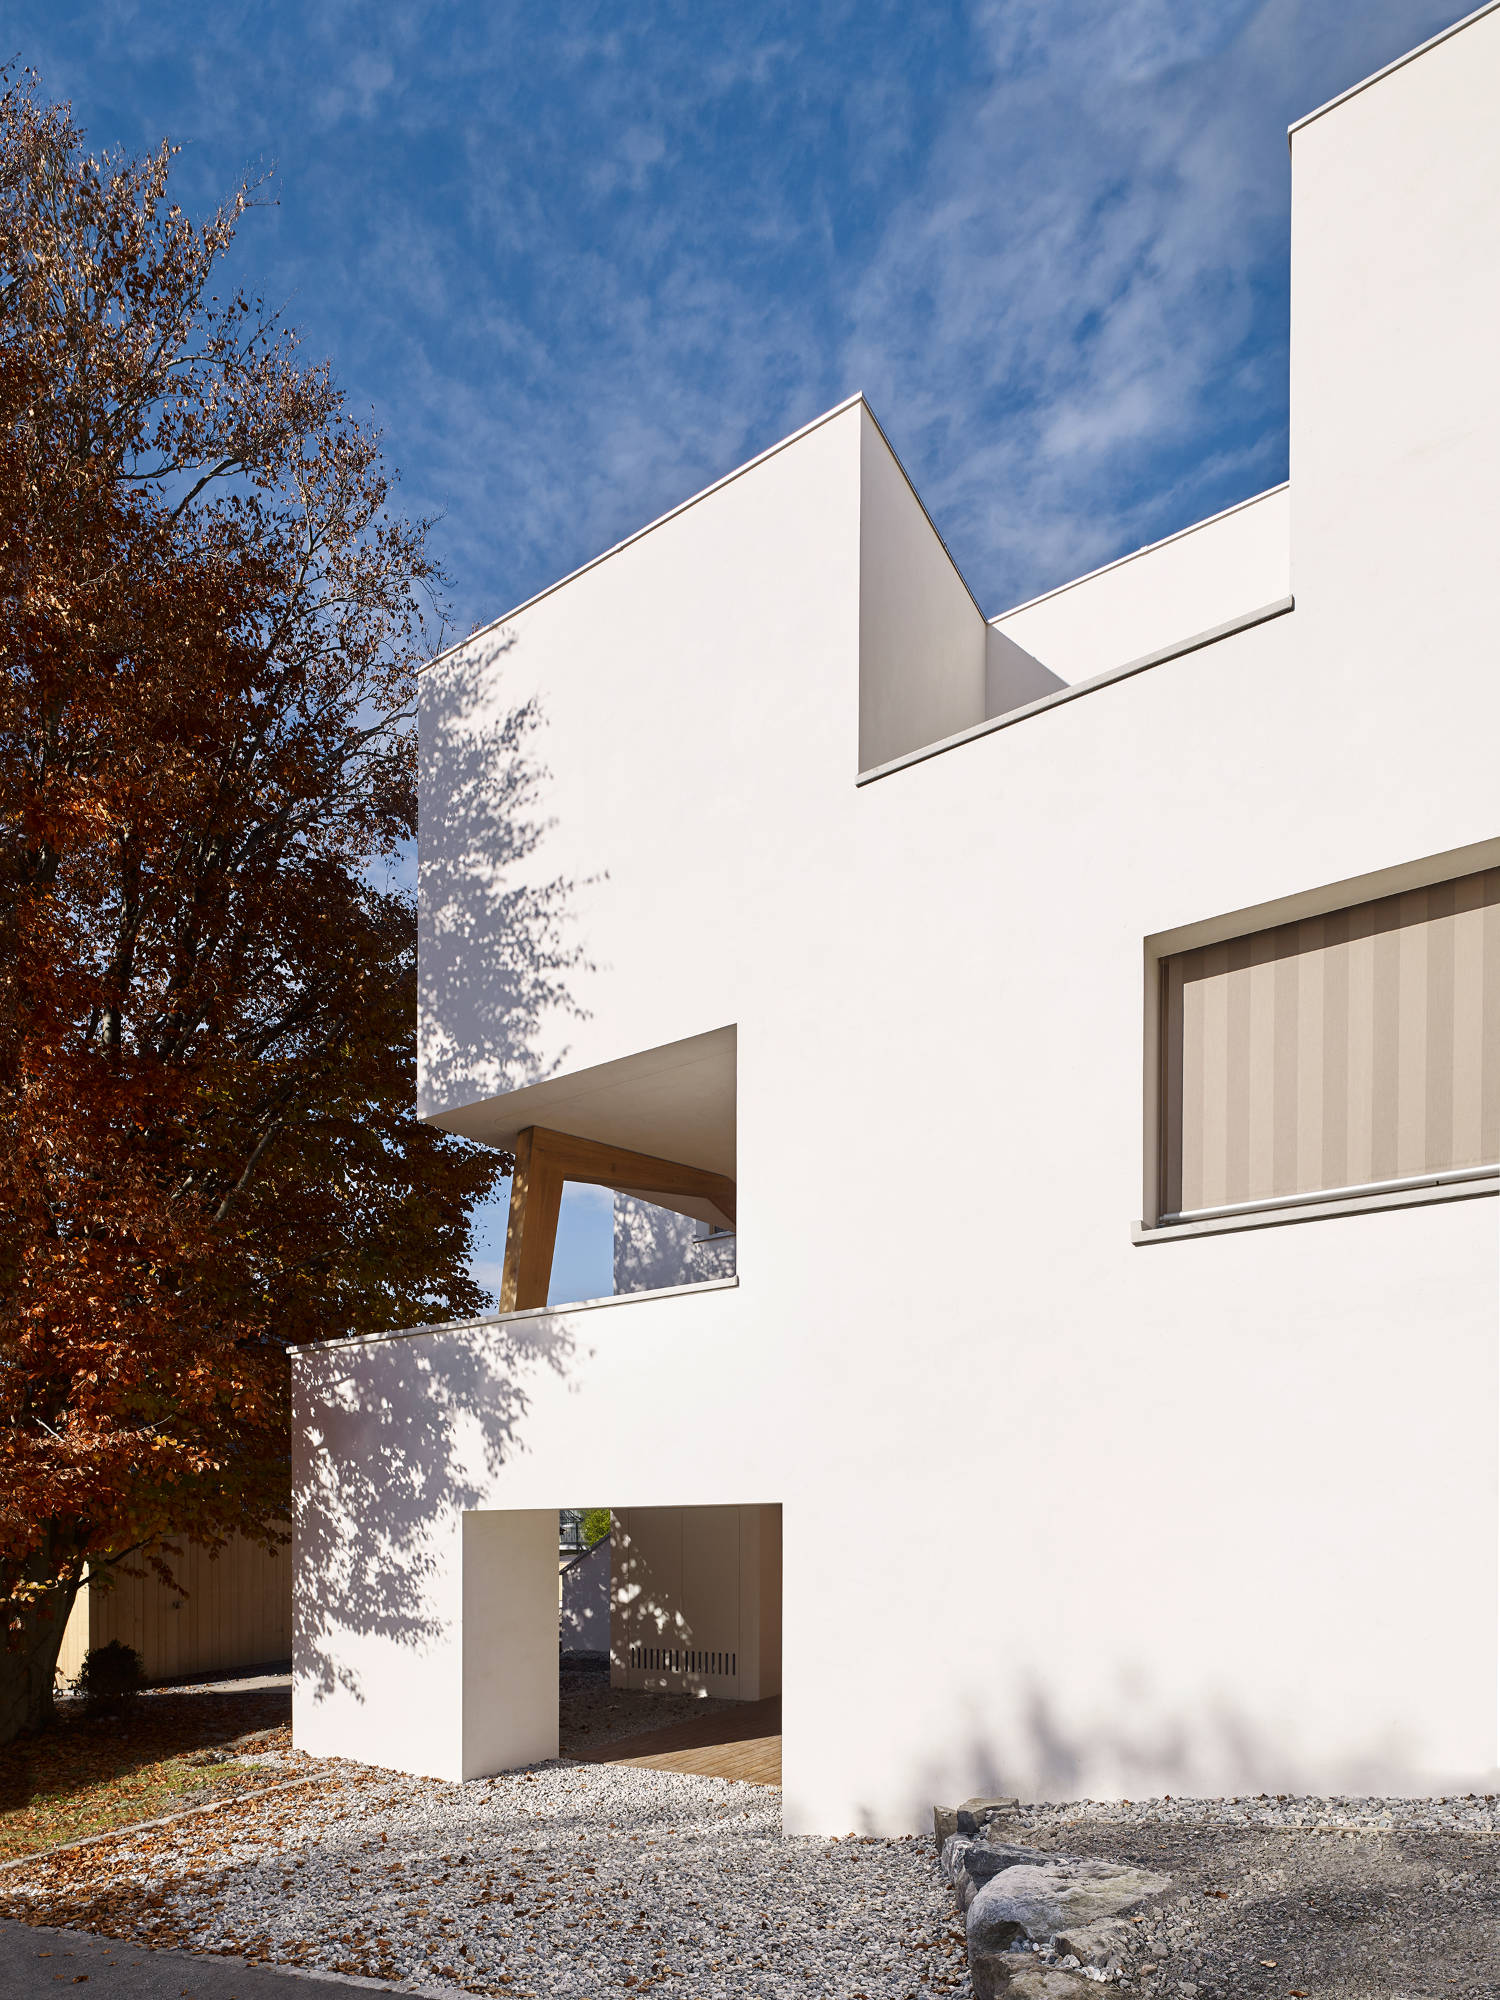 Haus Holdergasse, Fassade im Herbst, BE Architekten, Olex, Marc Lins